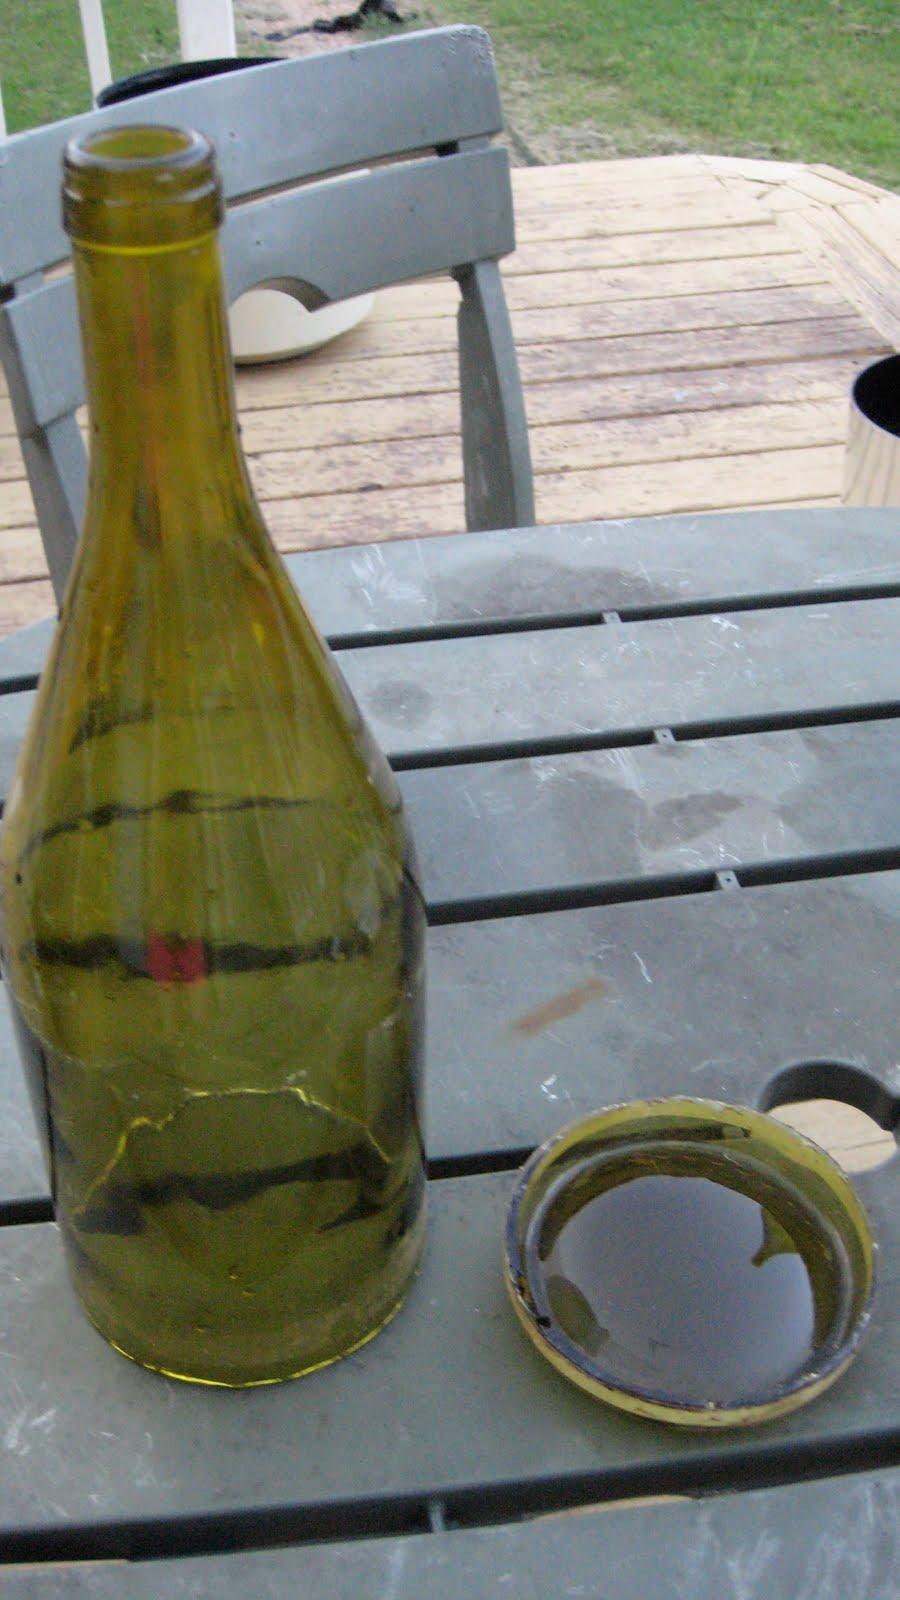 Wine Bottle Pendant Lights Remodelaholic how to make a glass wine bottle pendant light diy audiocablefo